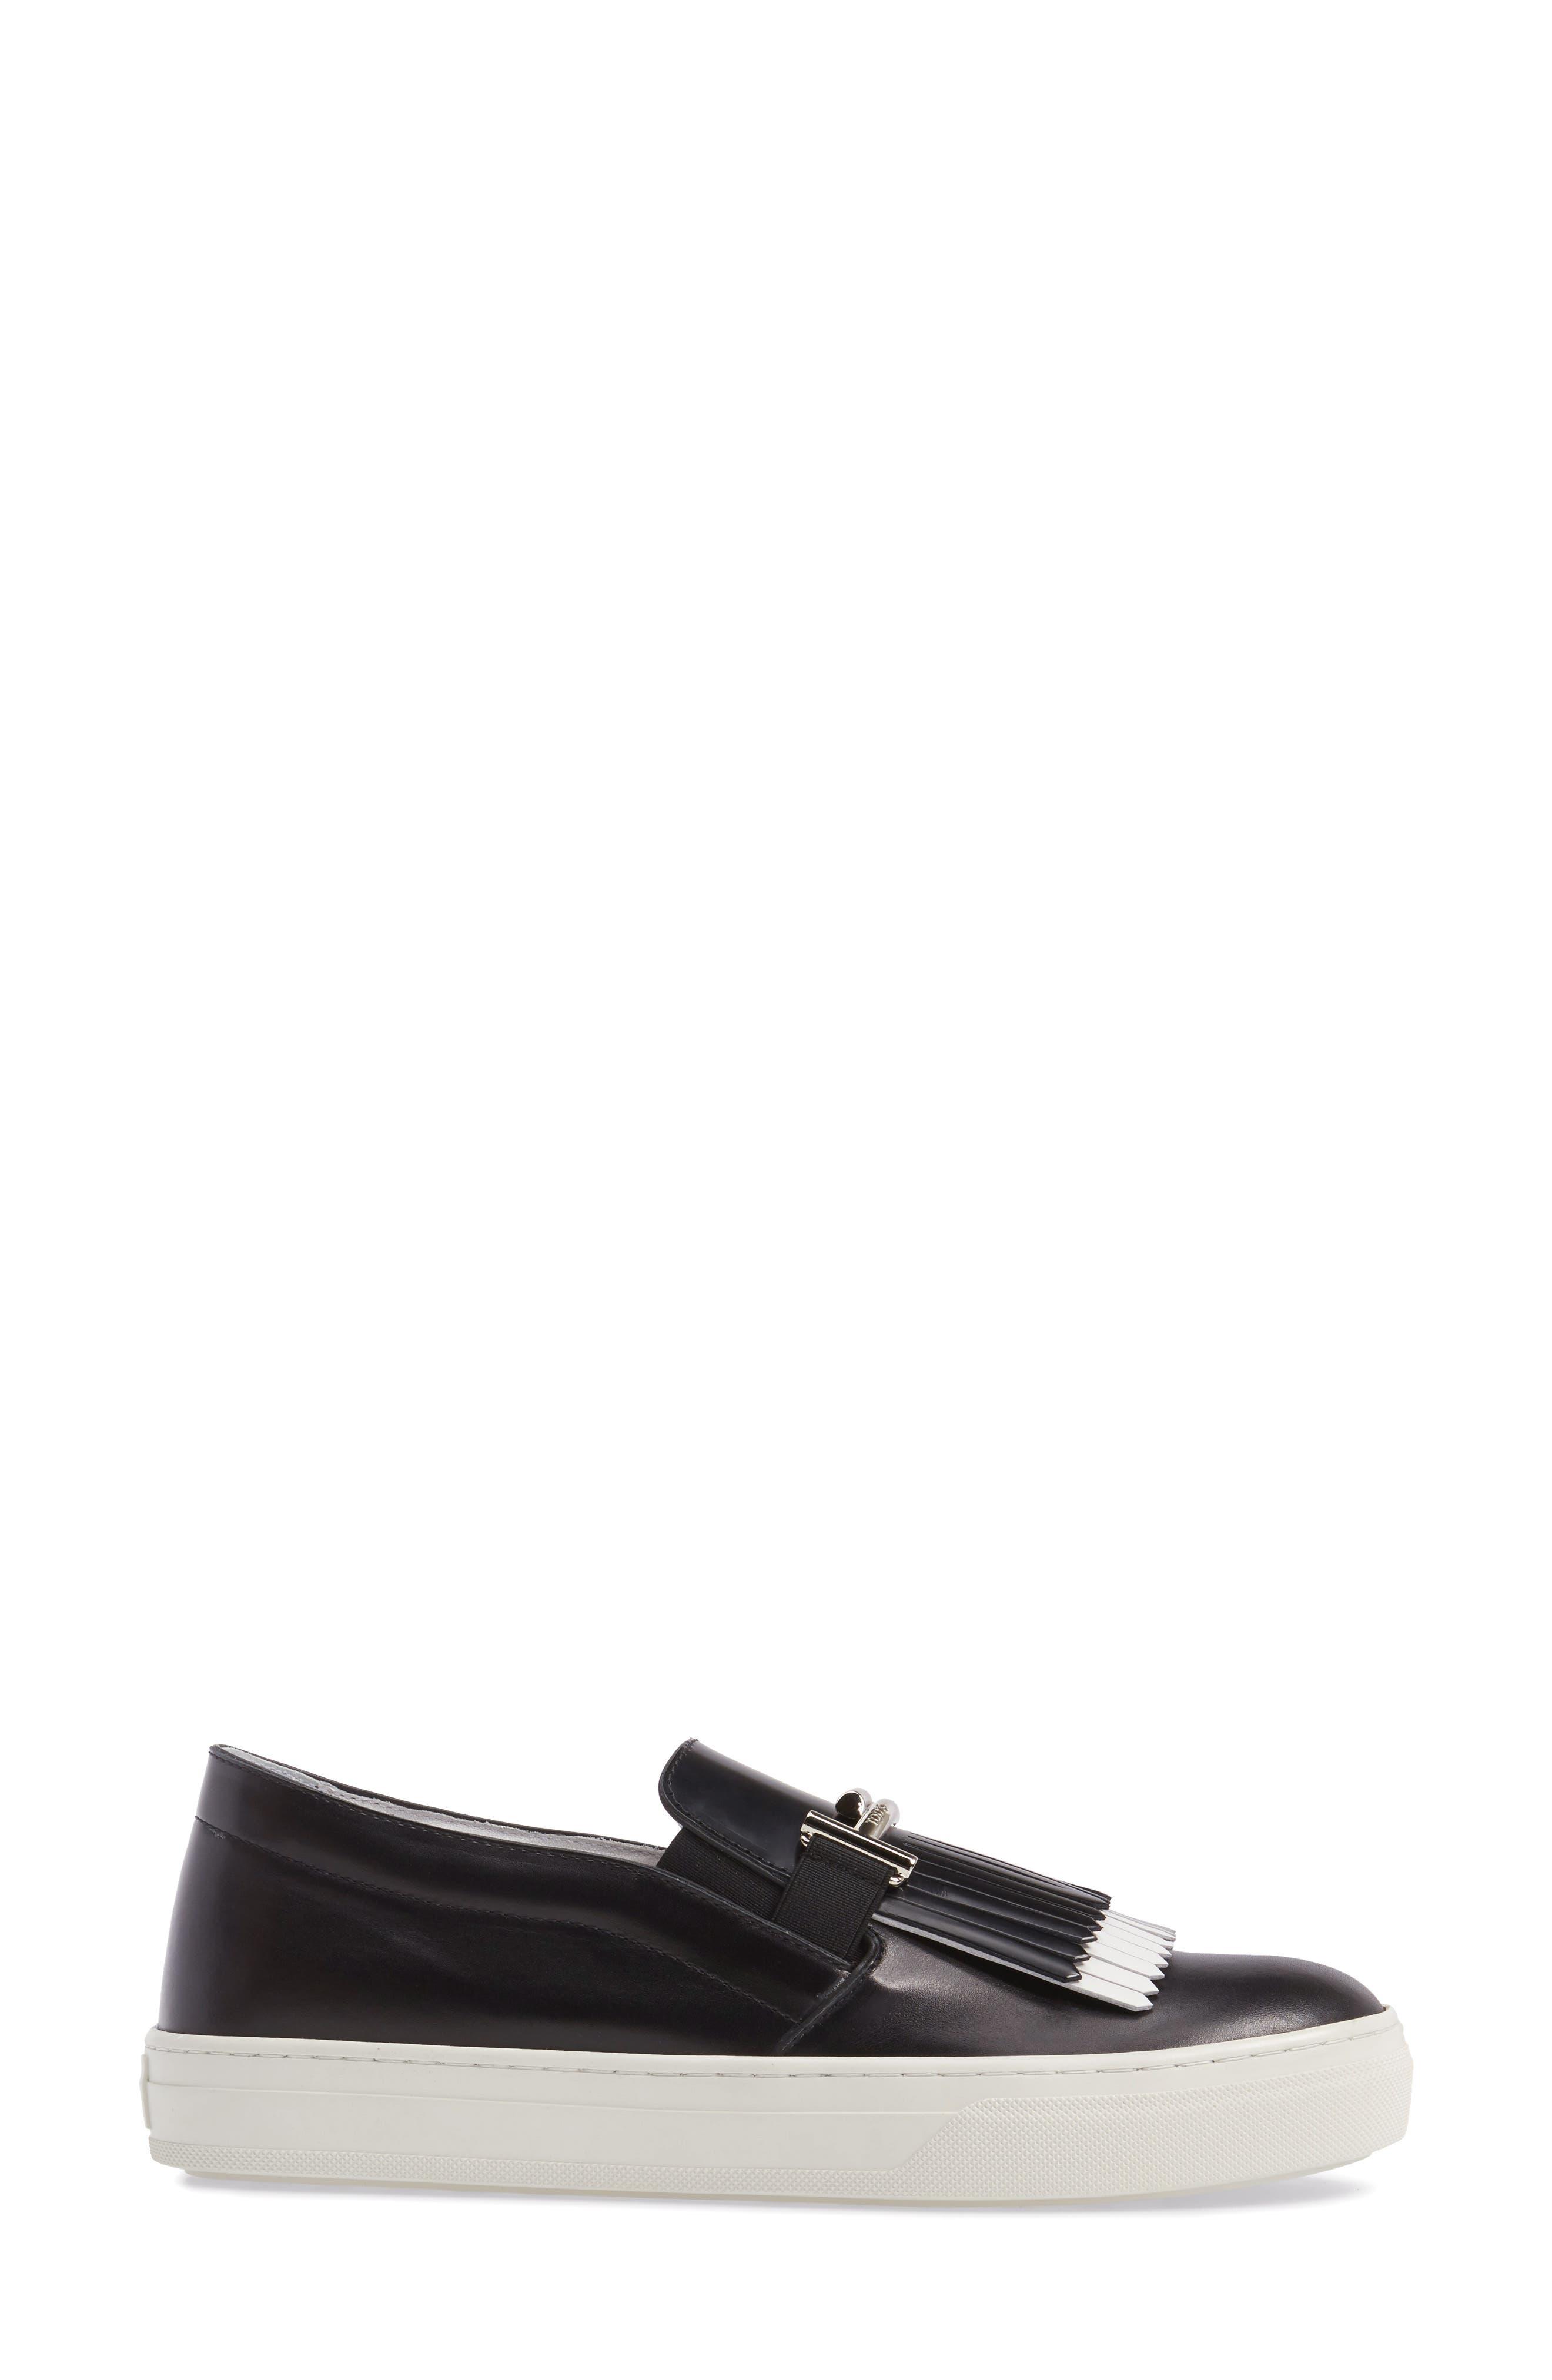 Double-T Kiltie Fringe Slip-On Sneaker,                             Alternate thumbnail 3, color,                             001